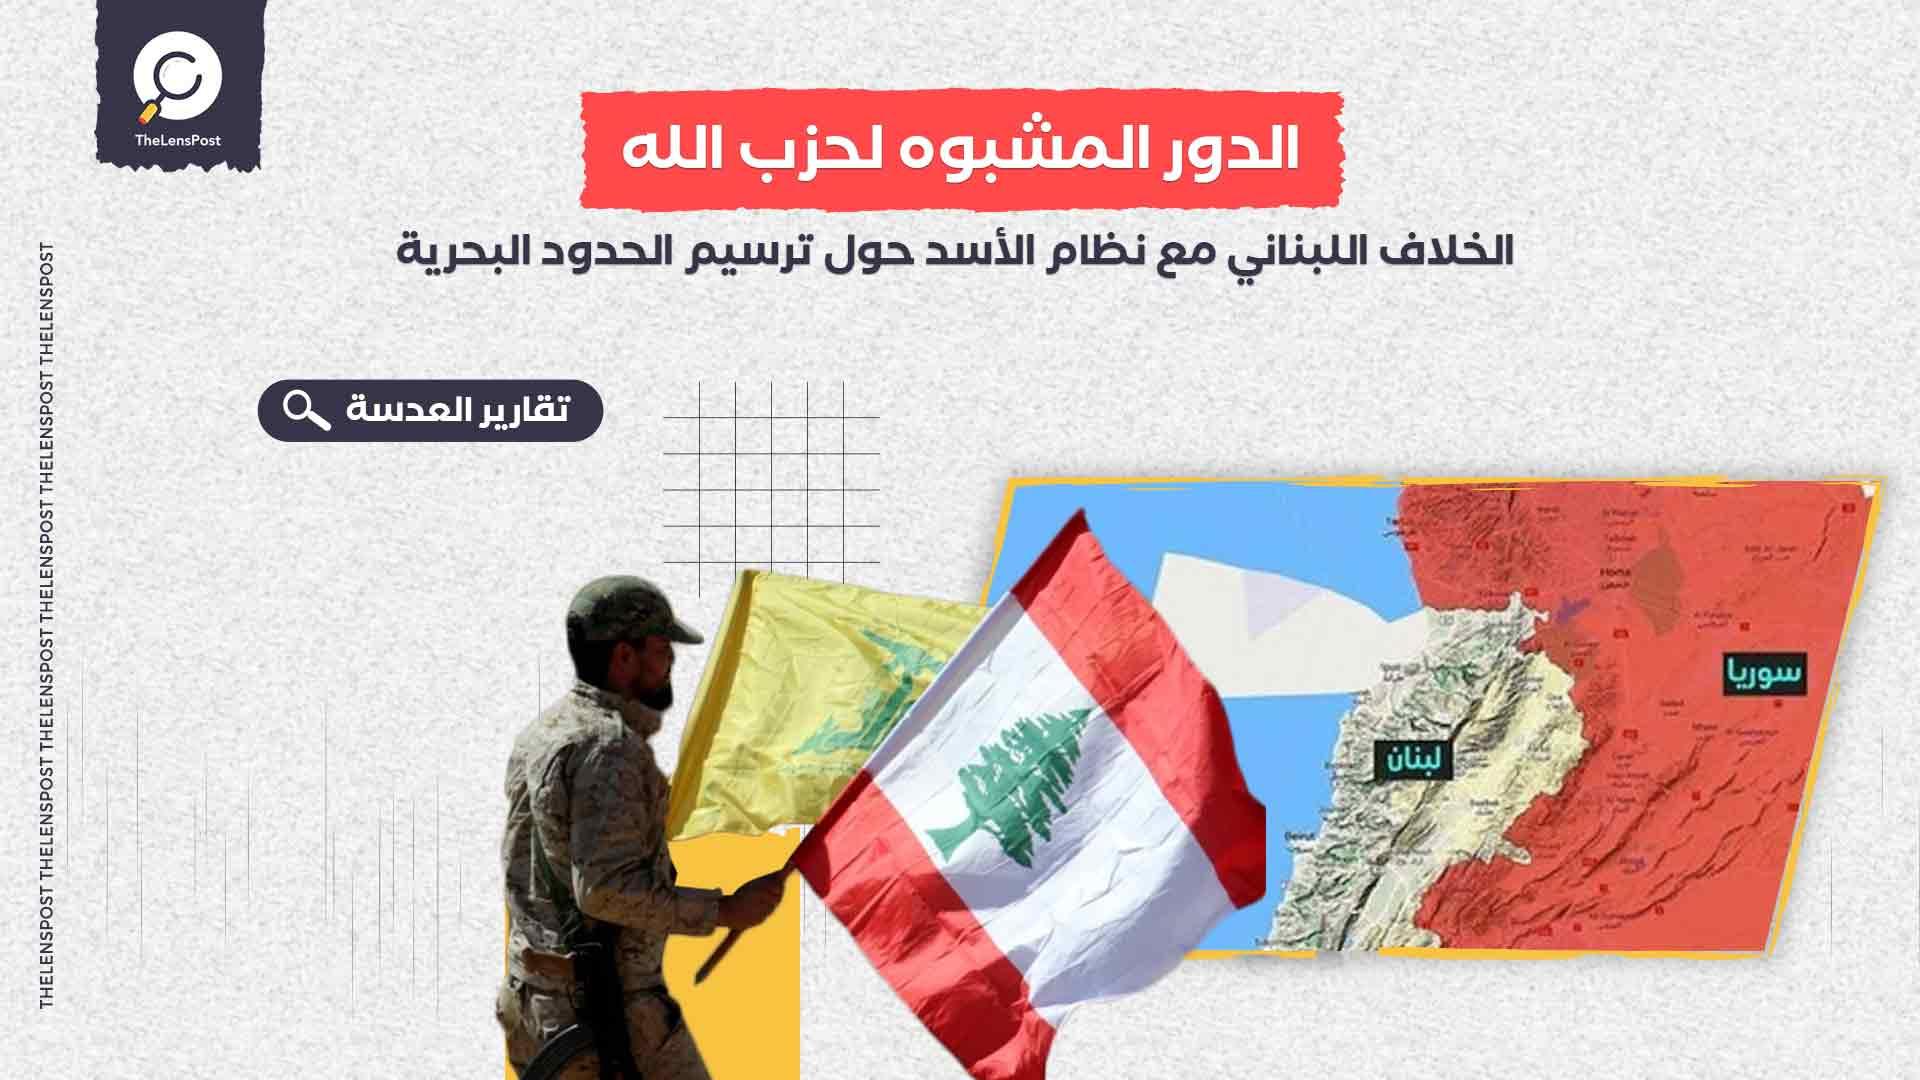 الخلاف اللبناني مع نظام الأسد حول ترسيم الحدود البحرية ..الدور المشبوه لحزب الله